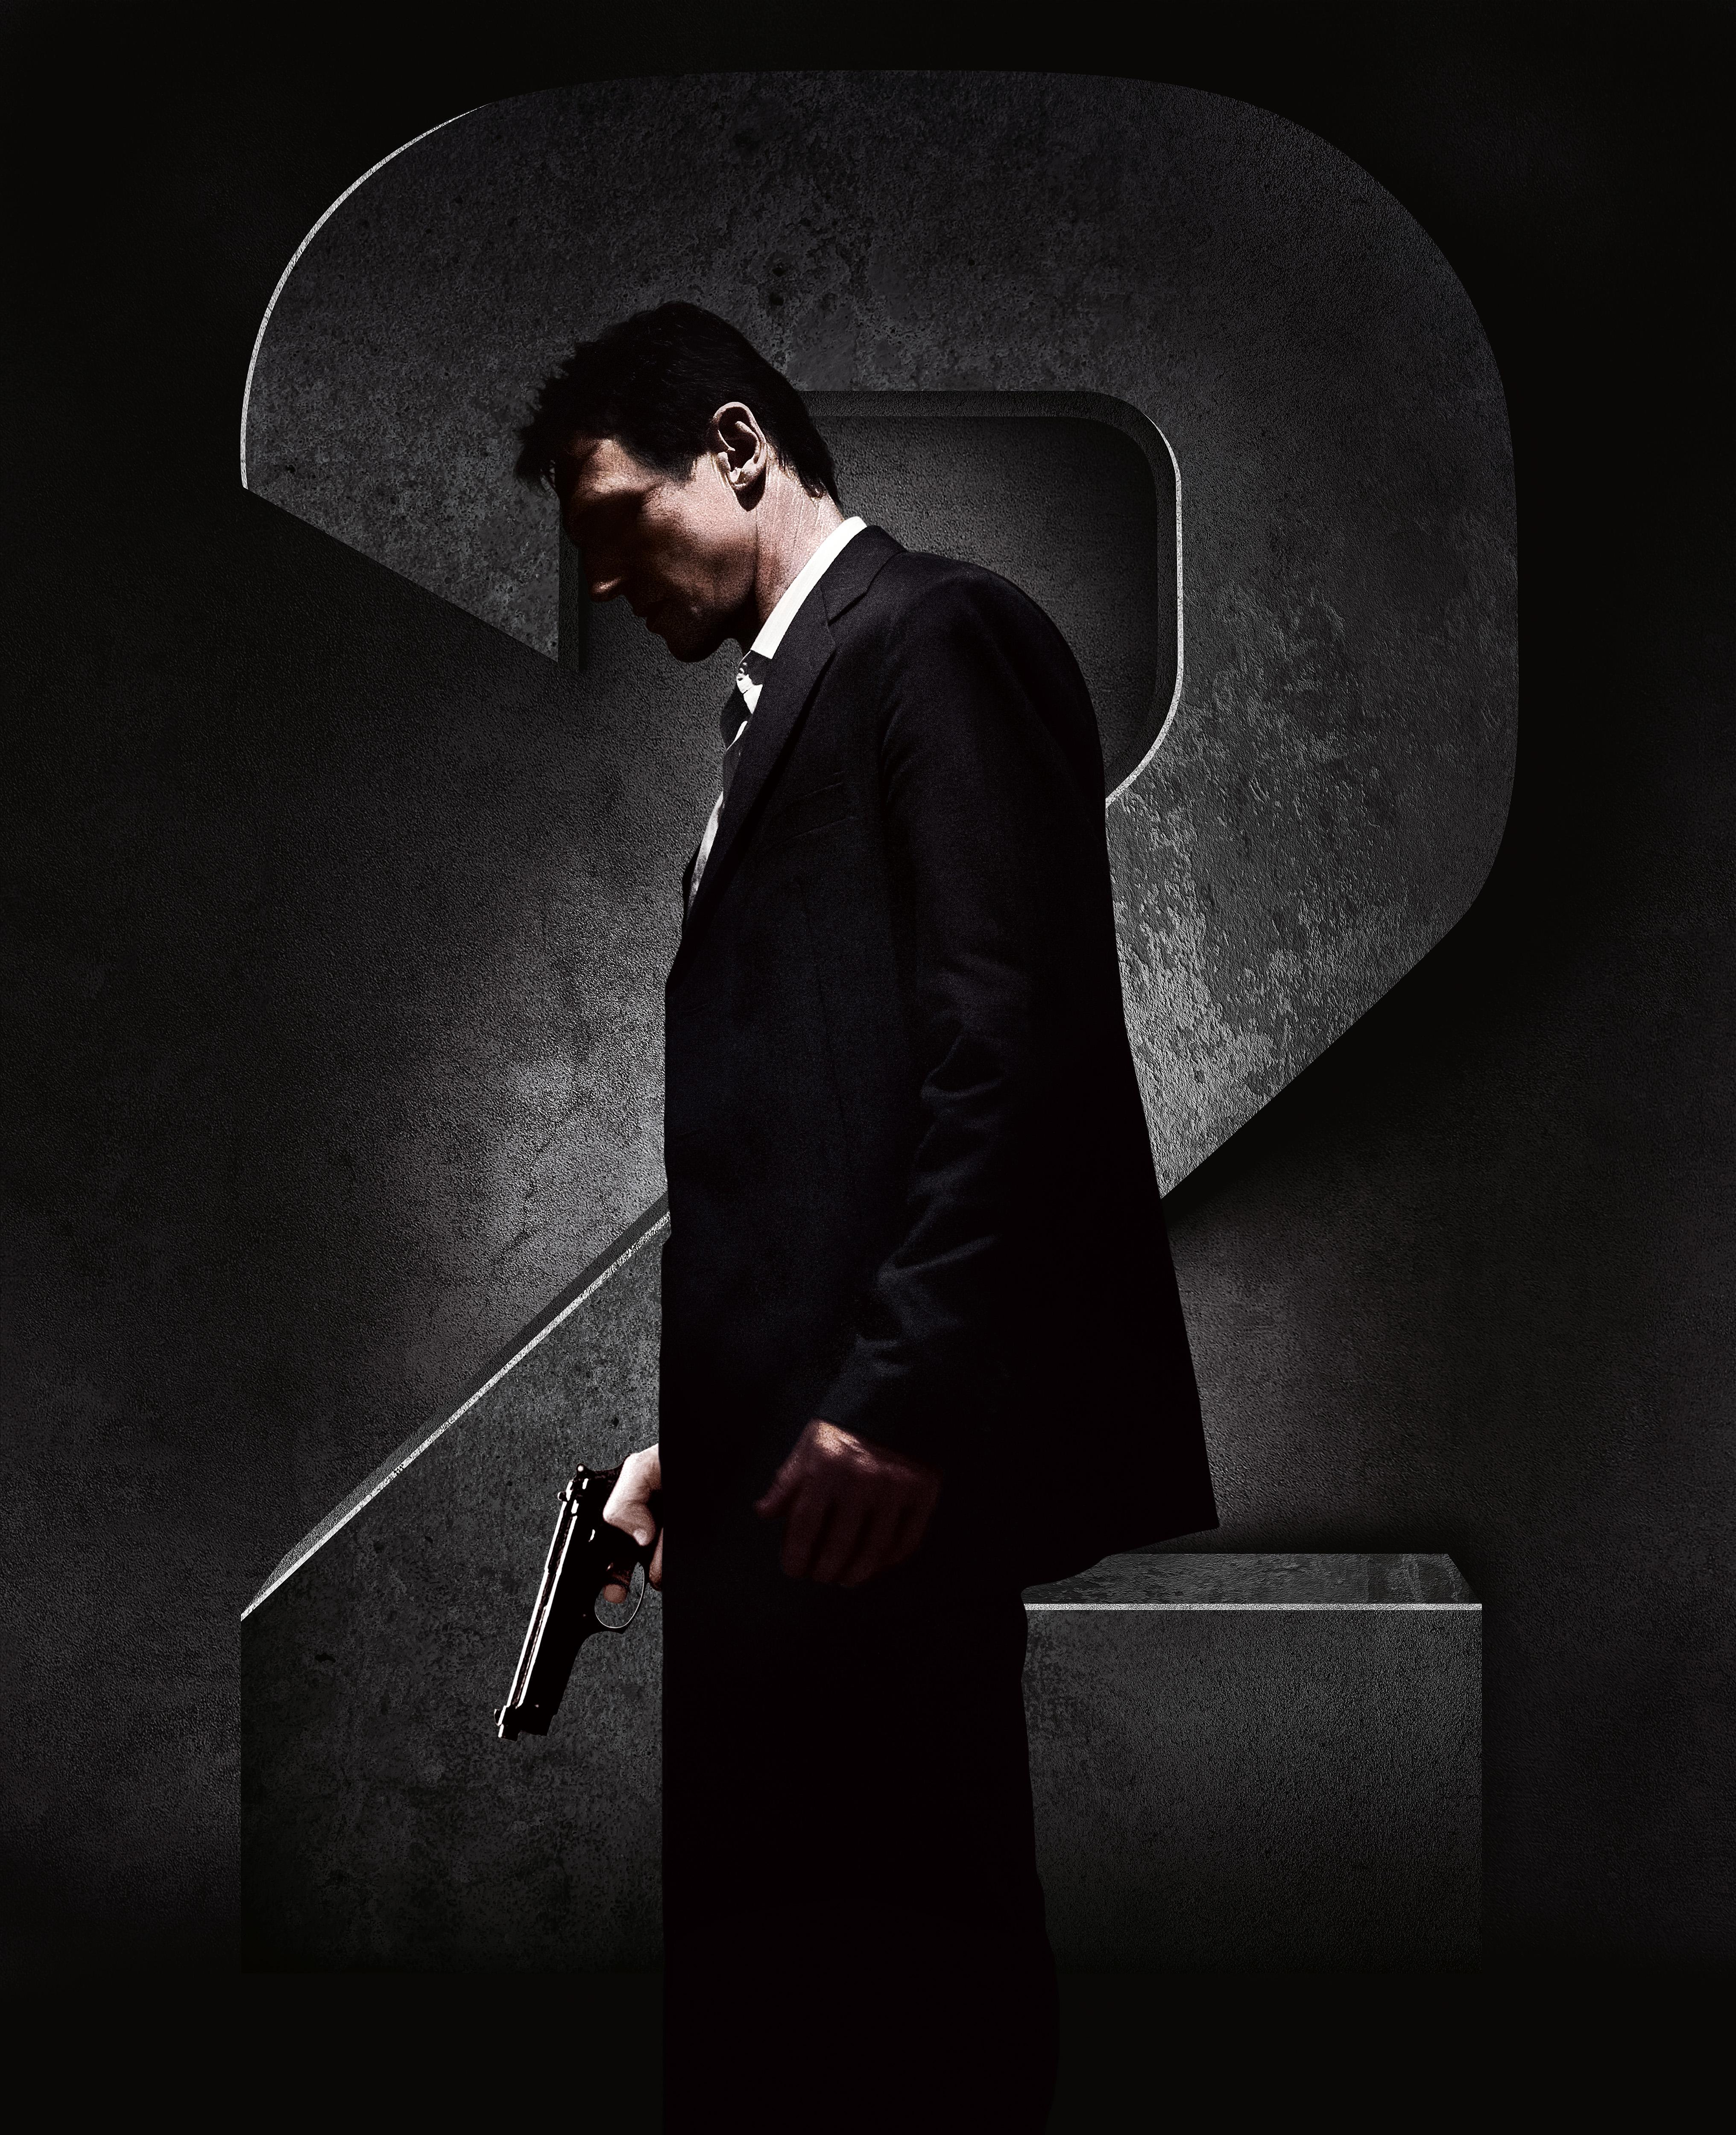 плакат фильма постер textless Заложница 2